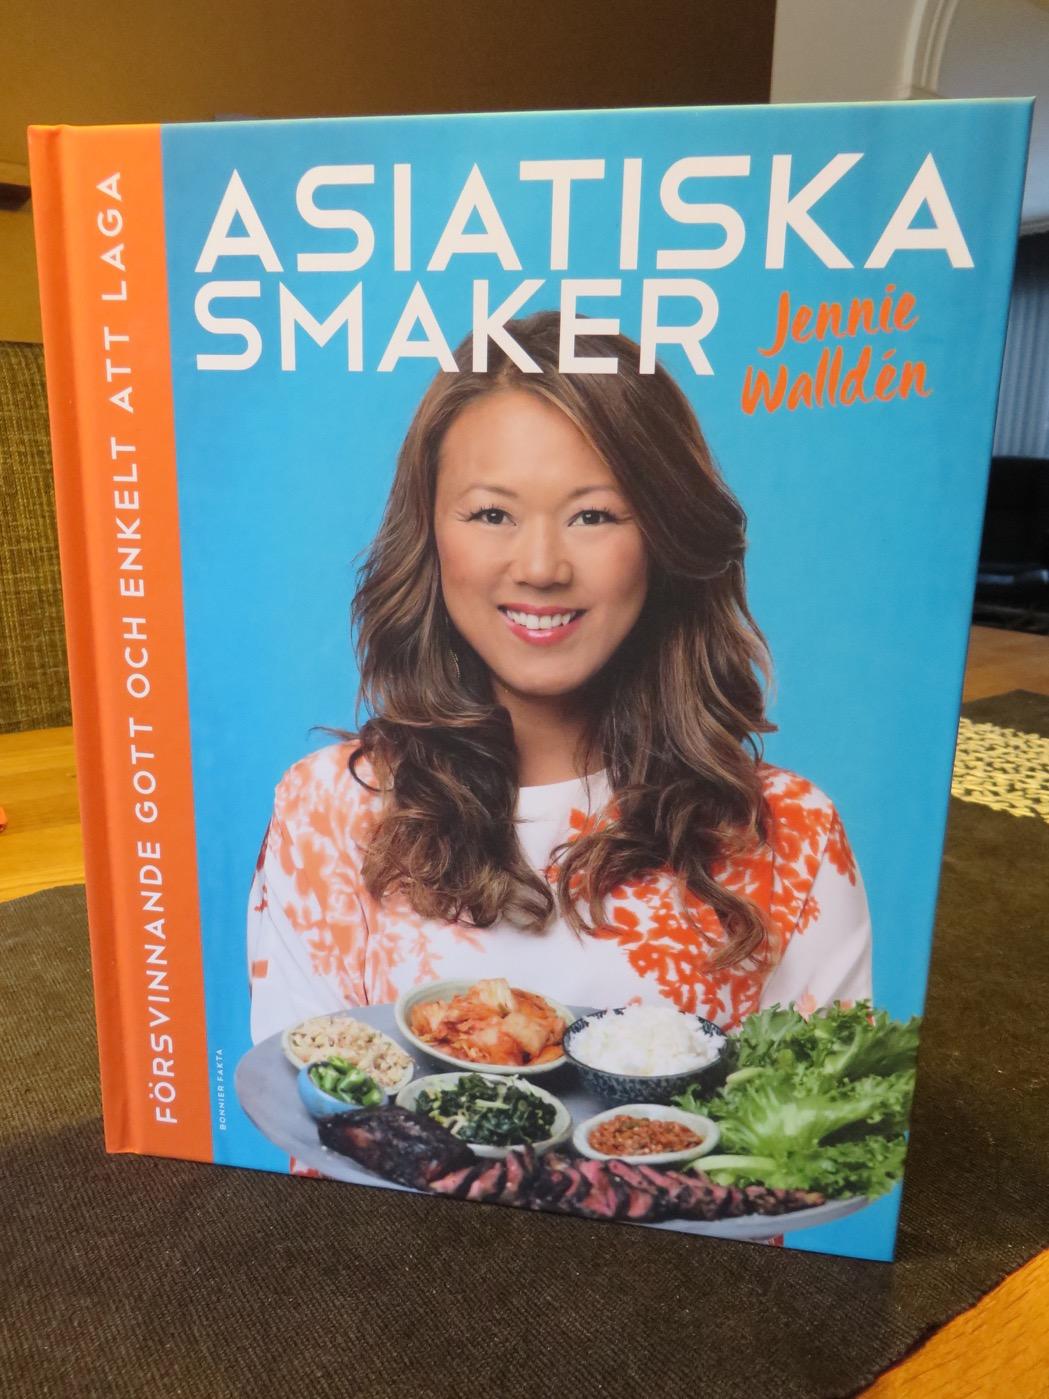 Asiatiska smaker av Jennie Walldén